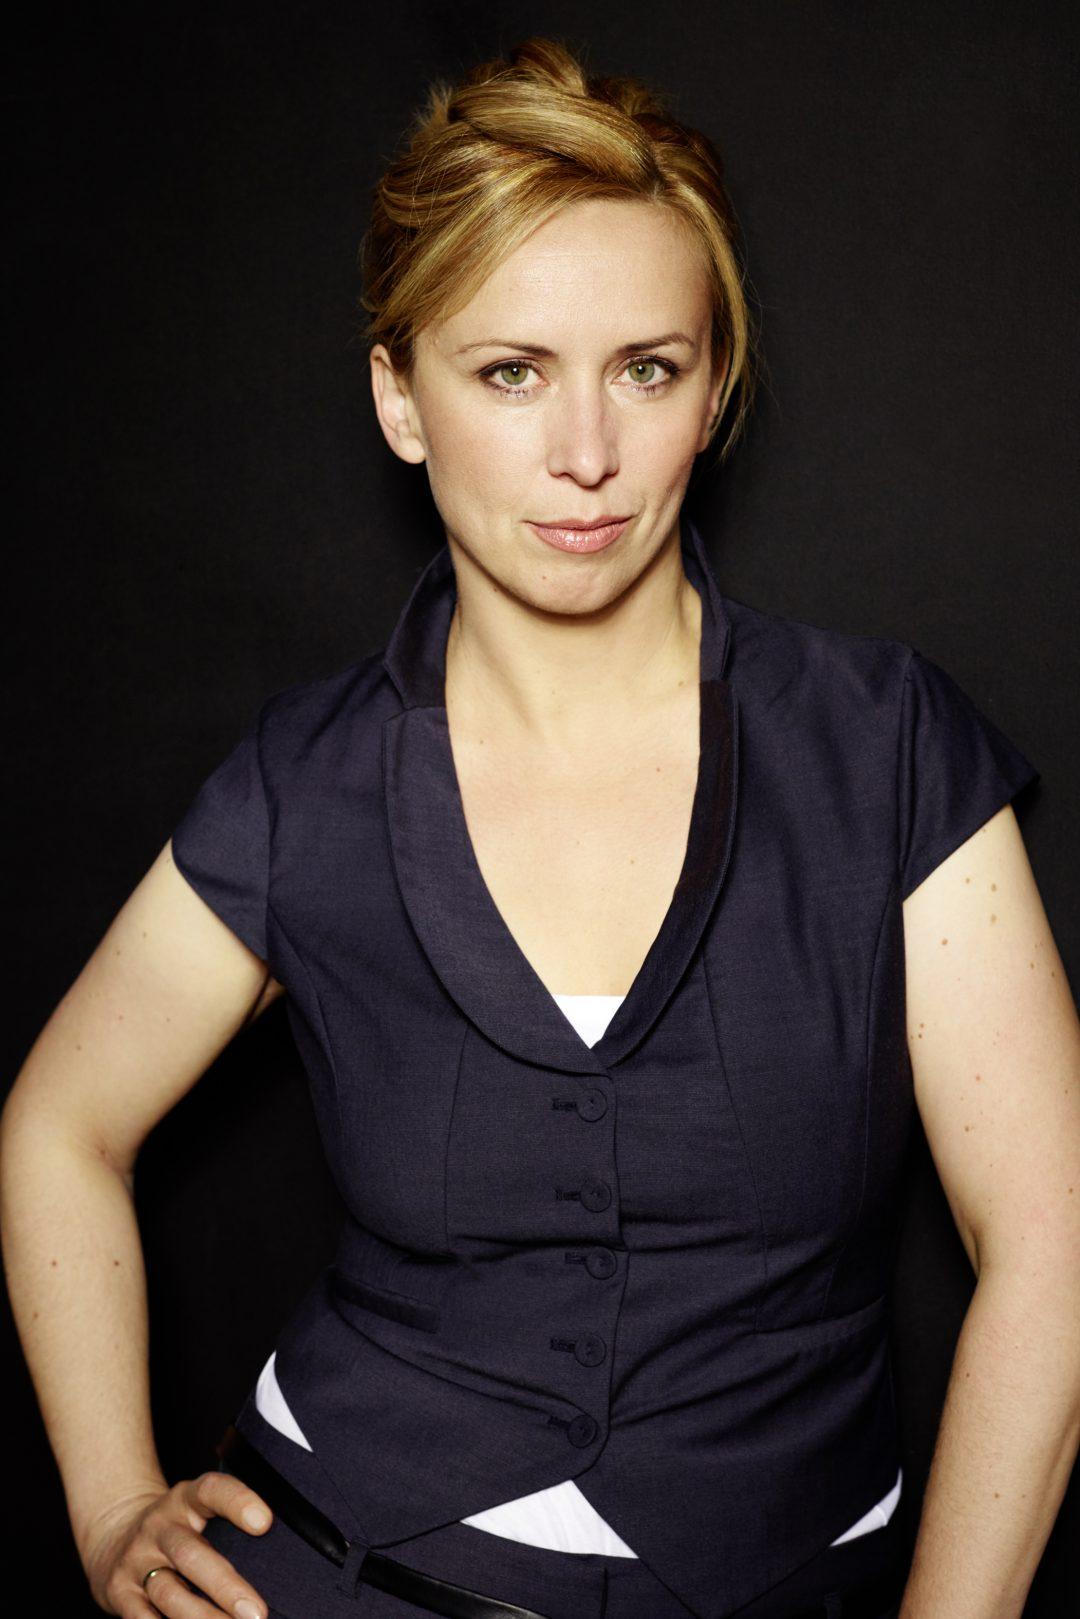 Martina Brandl